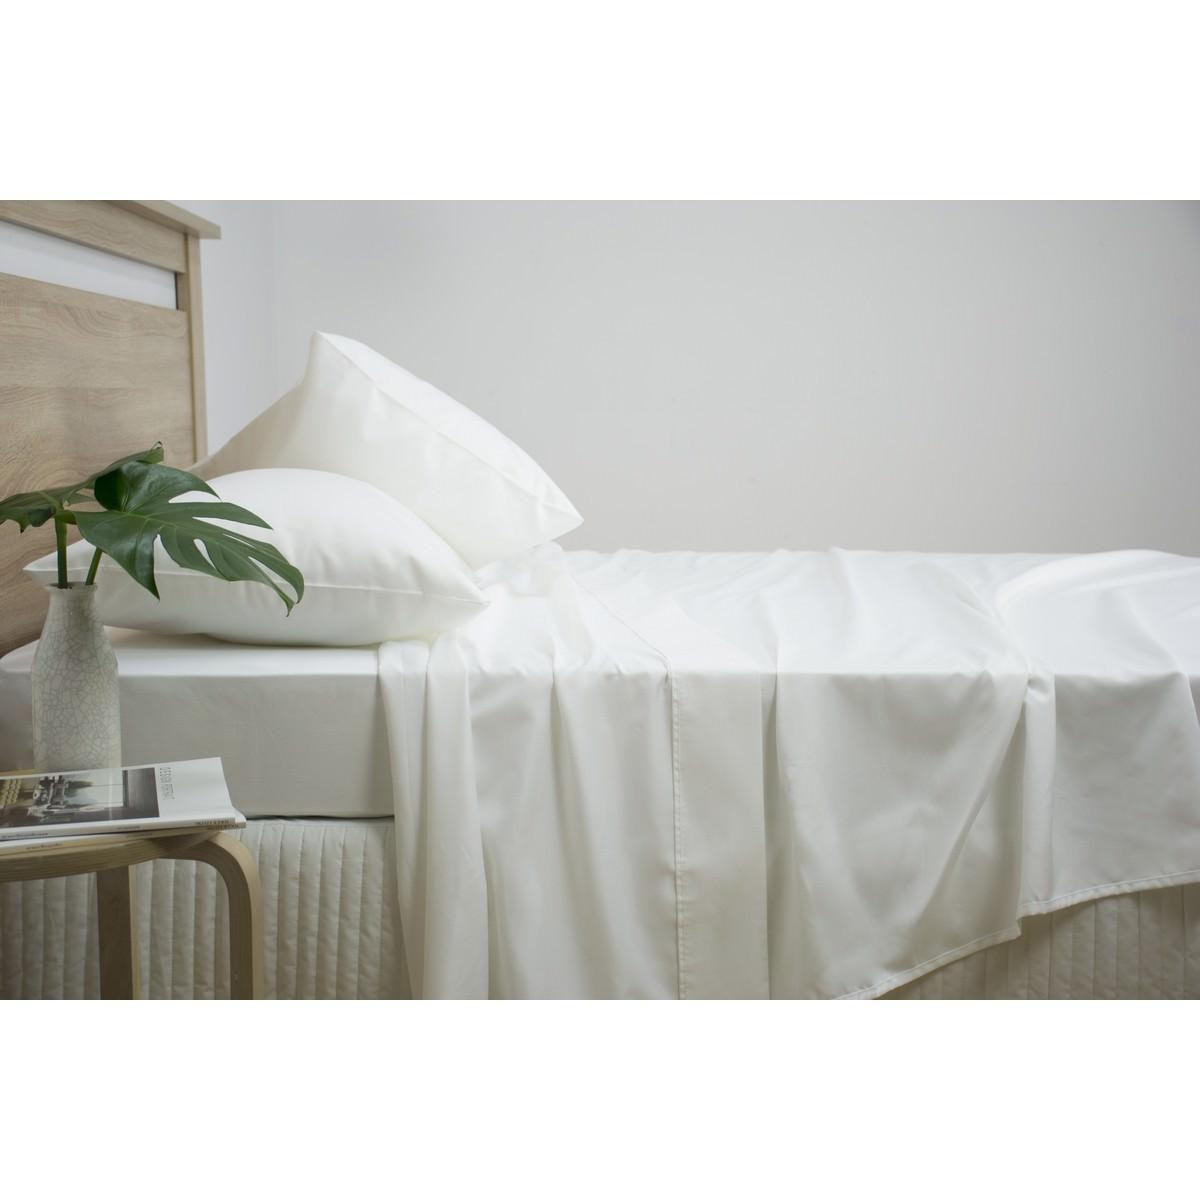 Ardor 2500TC Cotton Rich Sheet Set, King, White